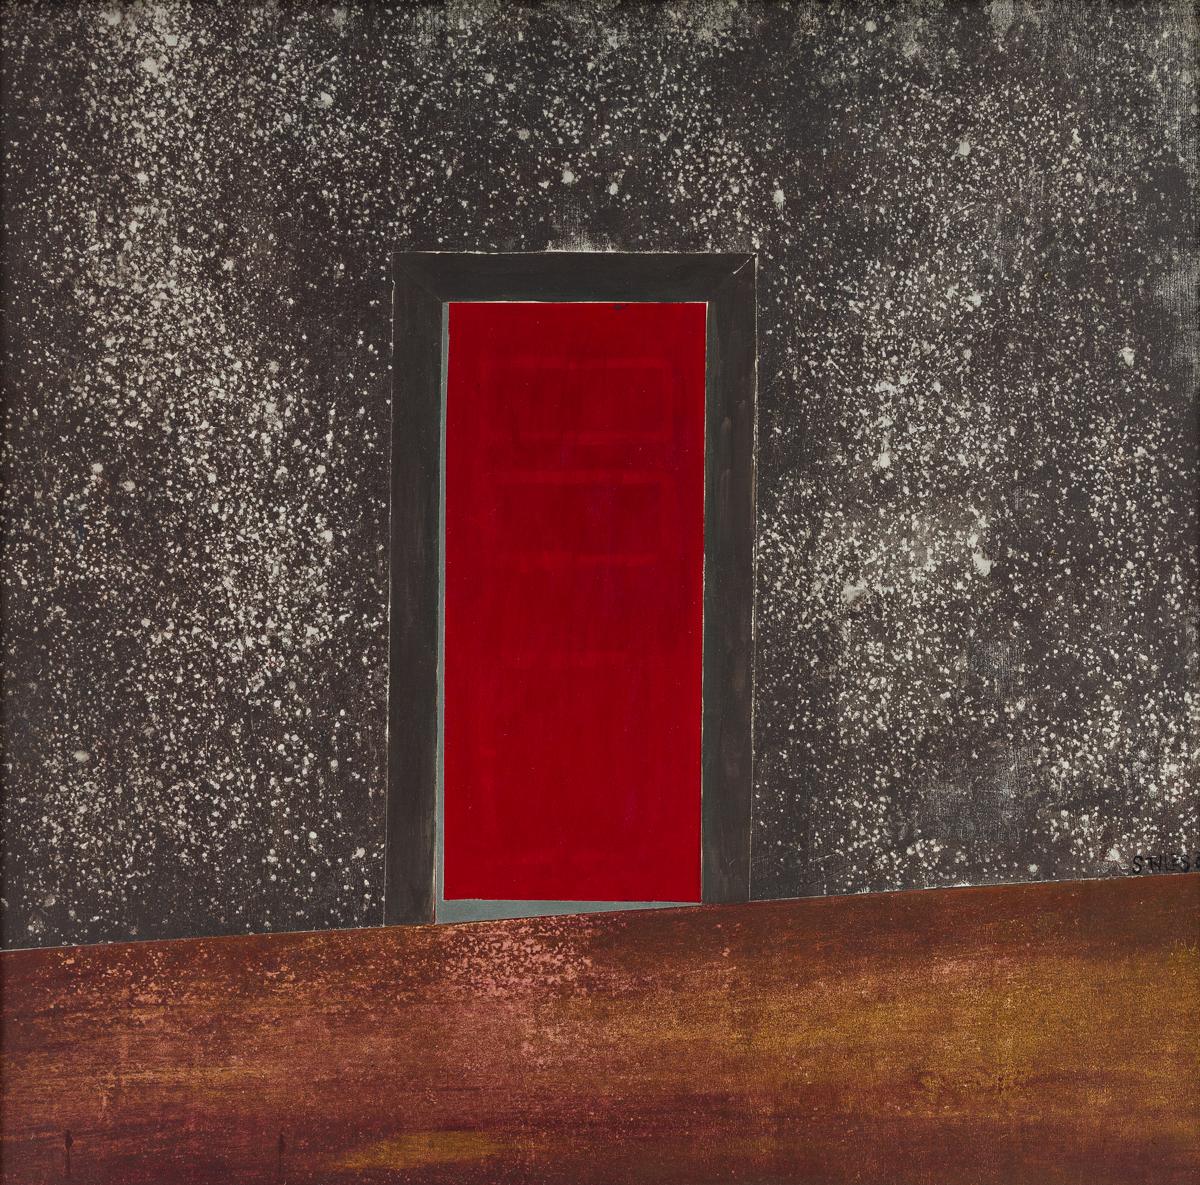 FREDDIE STYLES (1944-) The Red Door.